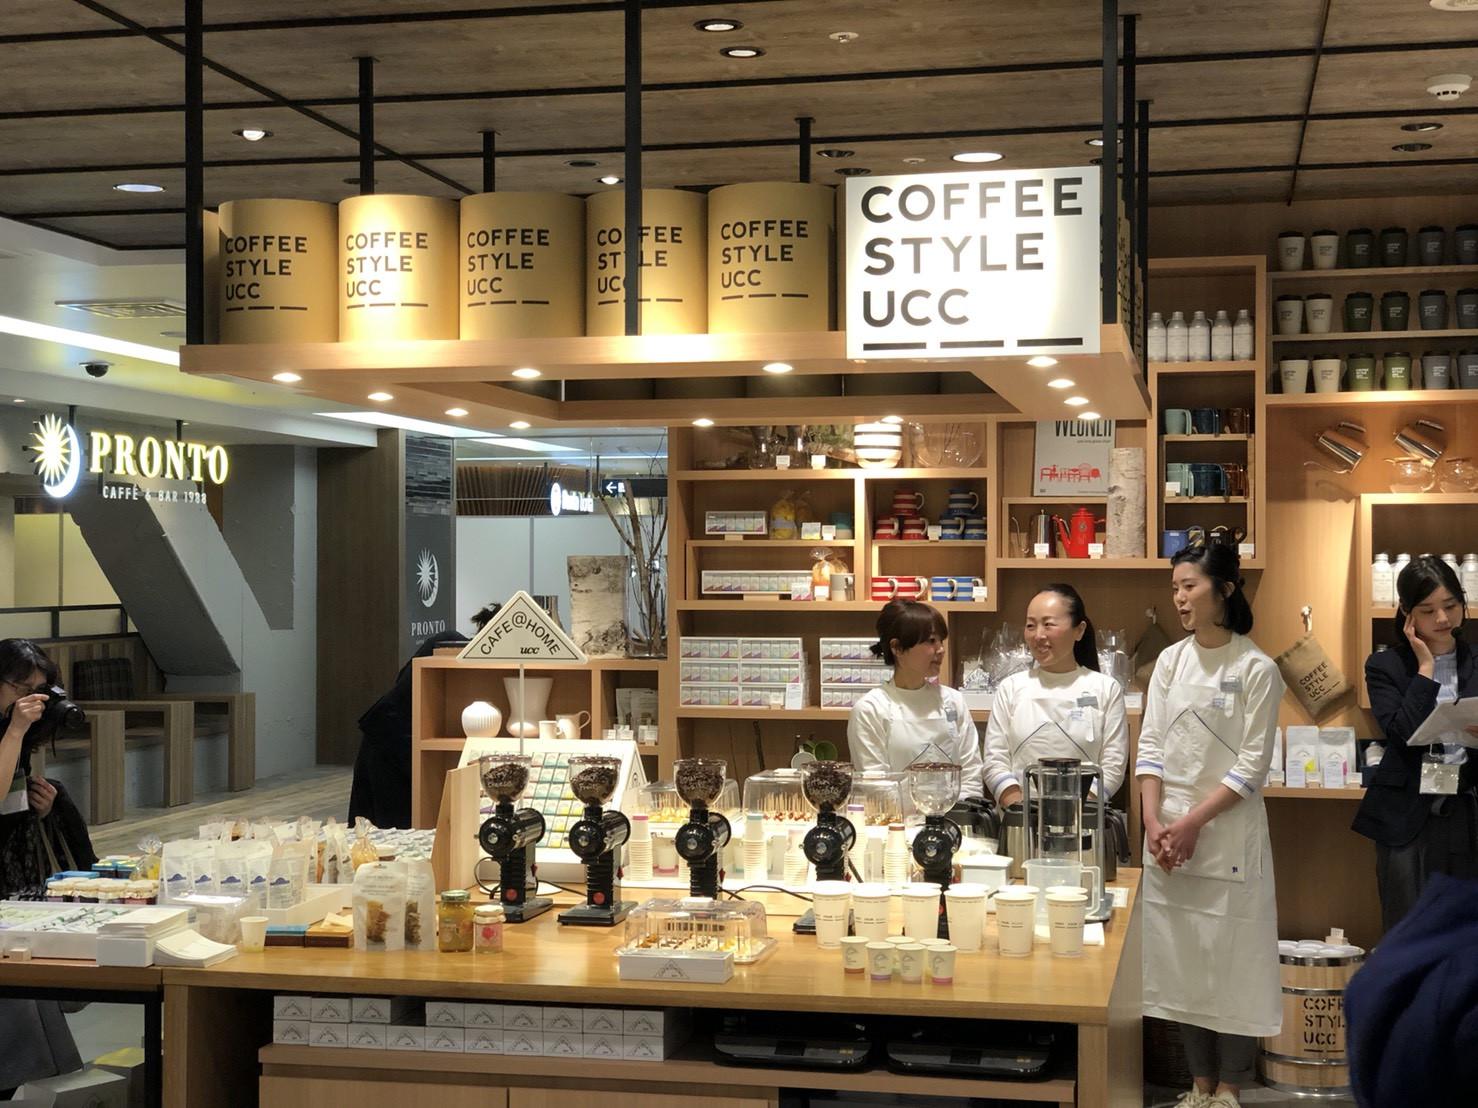 スタイル ucc コーヒー